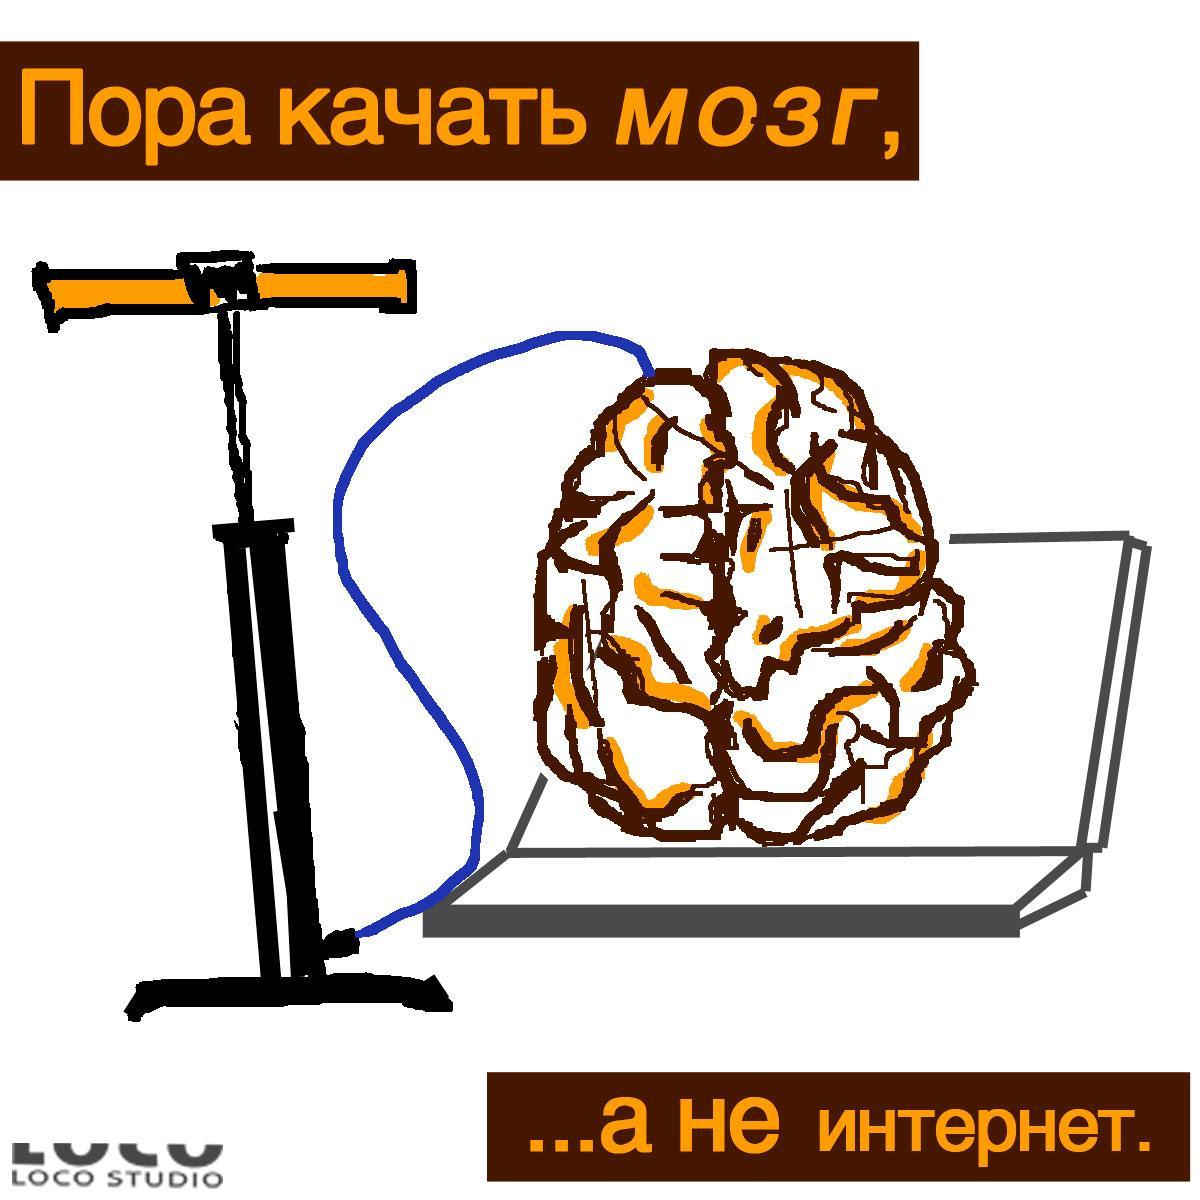 Рисунок на фразу: Пора качать голову, а не интернет.